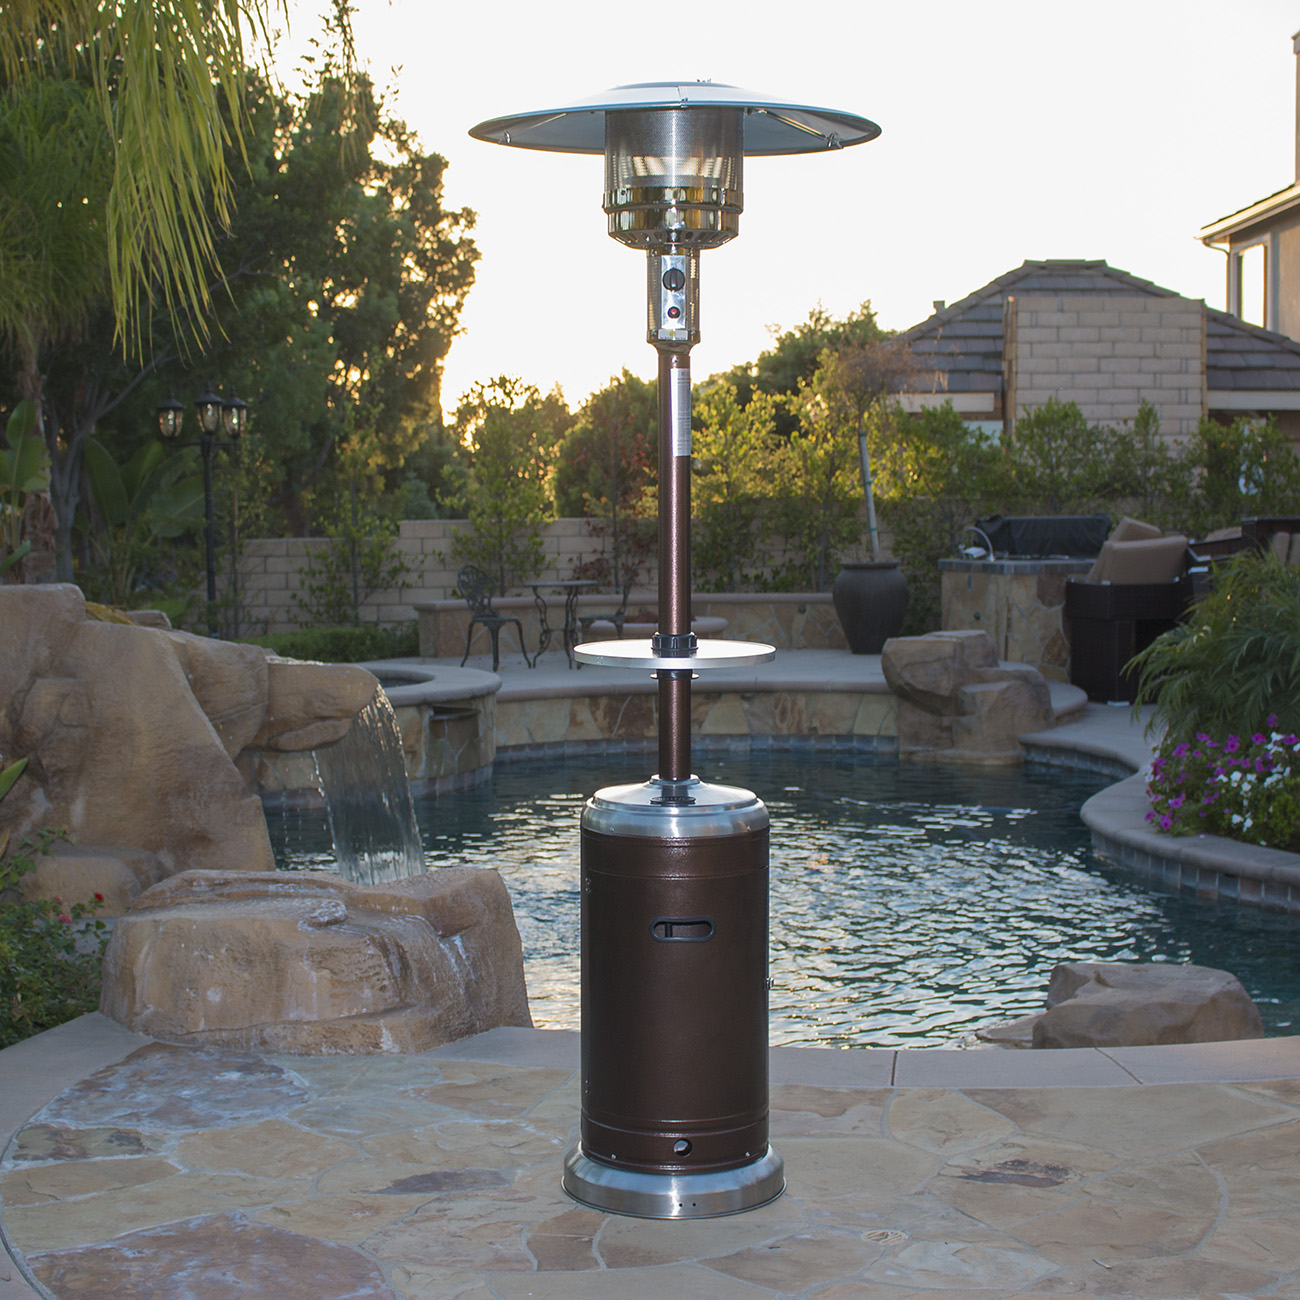 Garden Outdoor Patio Heater W Table Propane Standing Lpg